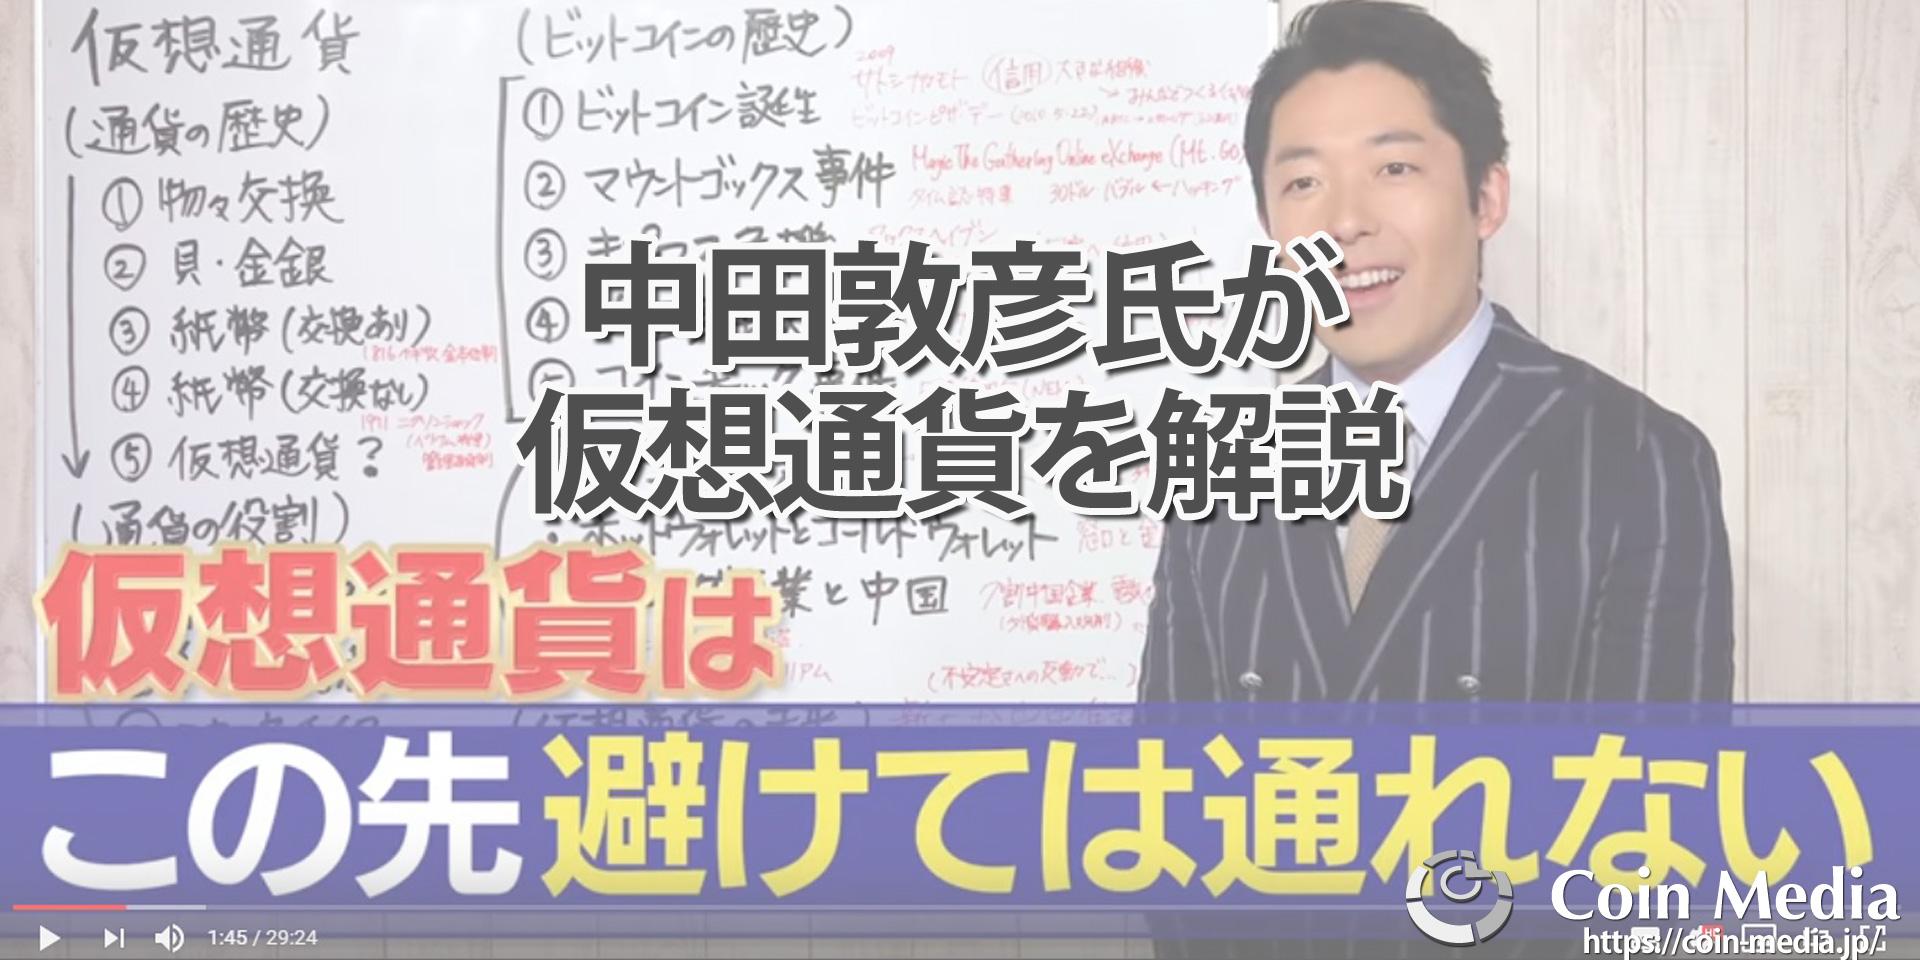 吉本芸人中田敦彦氏が仮想通貨ビットコインを解説